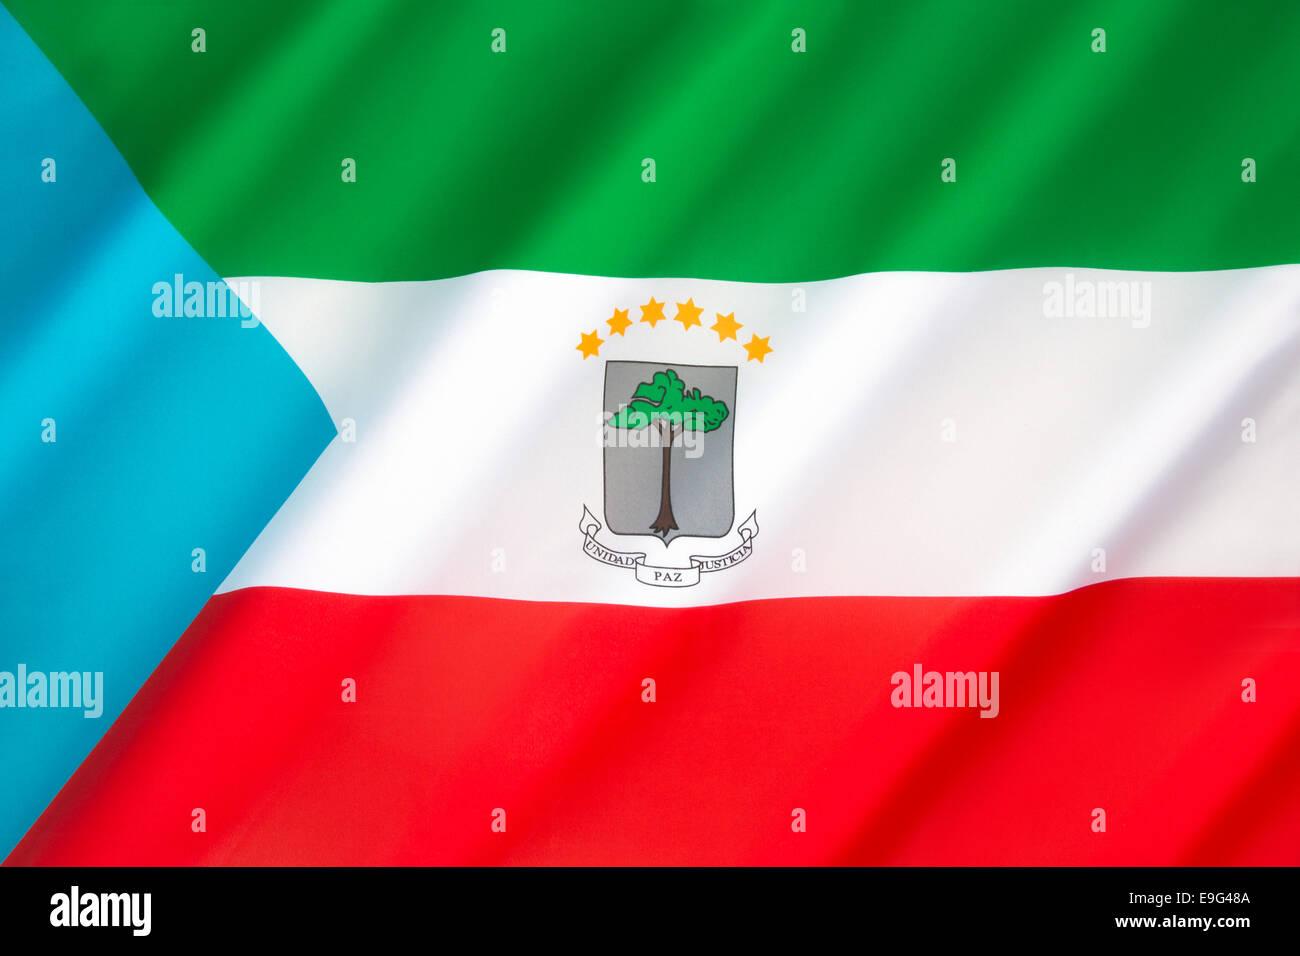 The flag of Equatorial Guinea - Stock Image